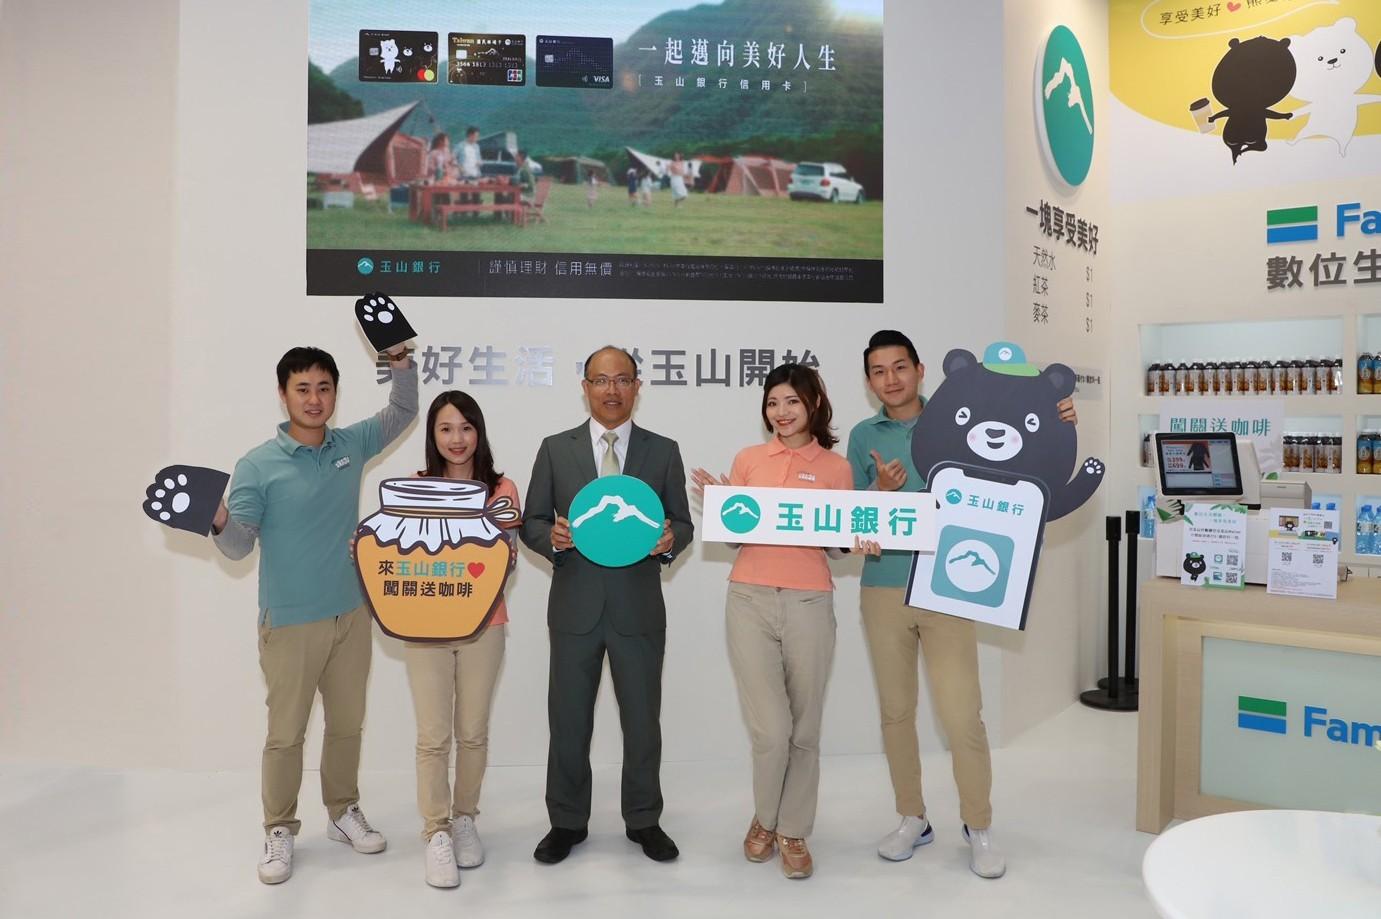 台北金融科技展 玉山銀行聚焦數位金融體驗